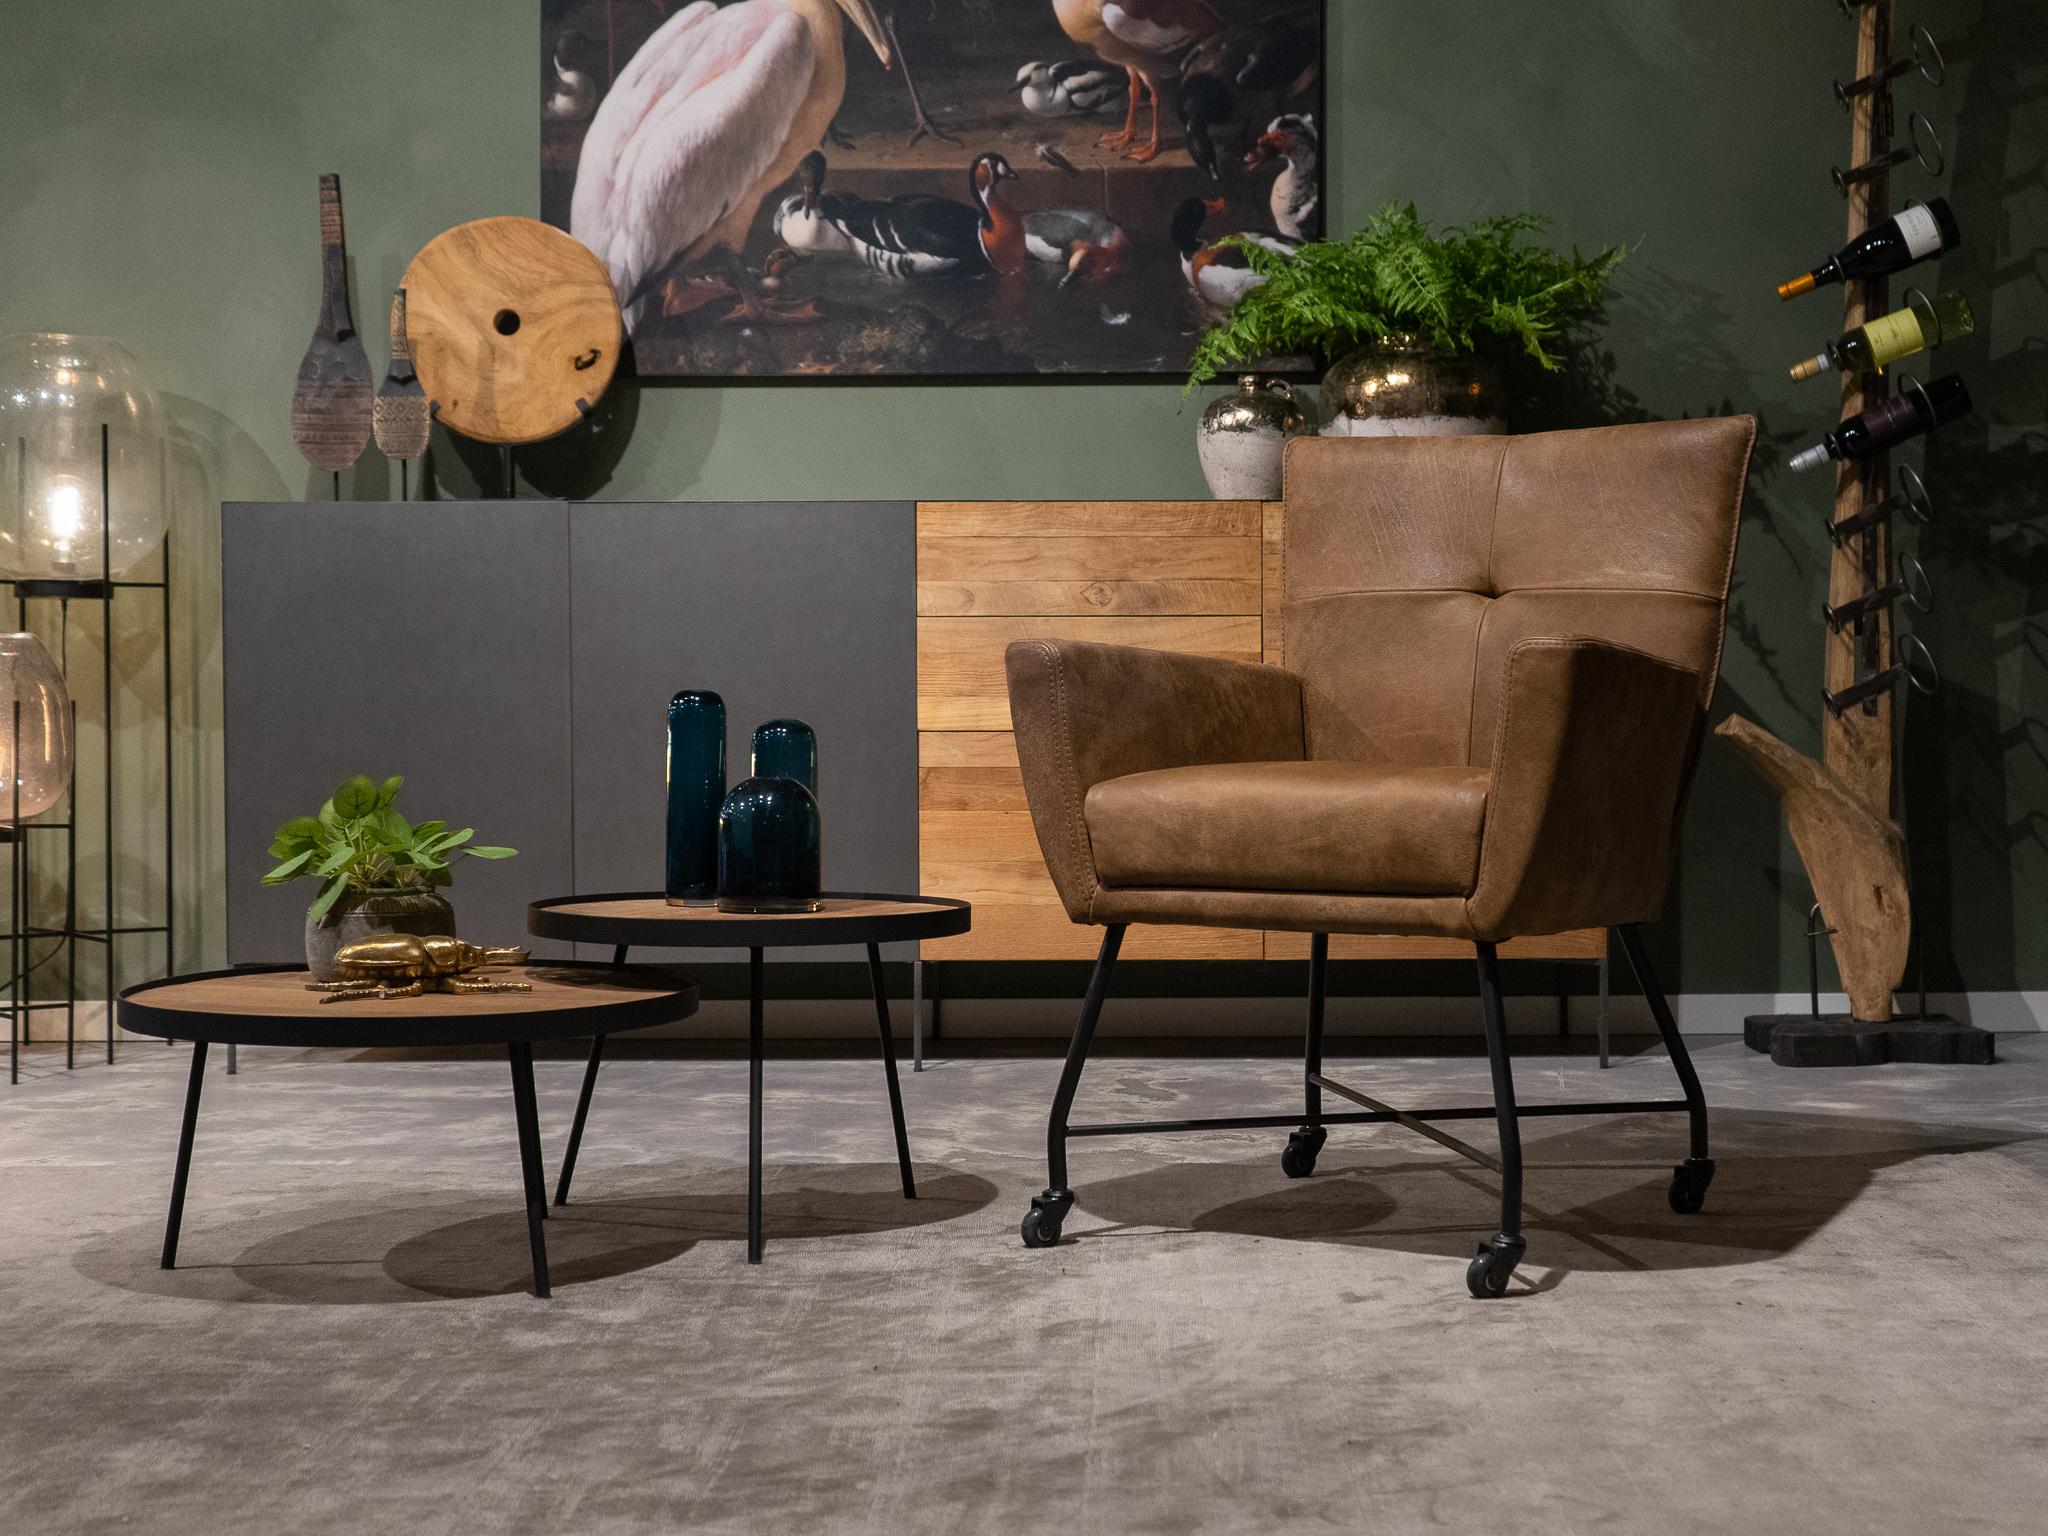 bruine stoel met wielen